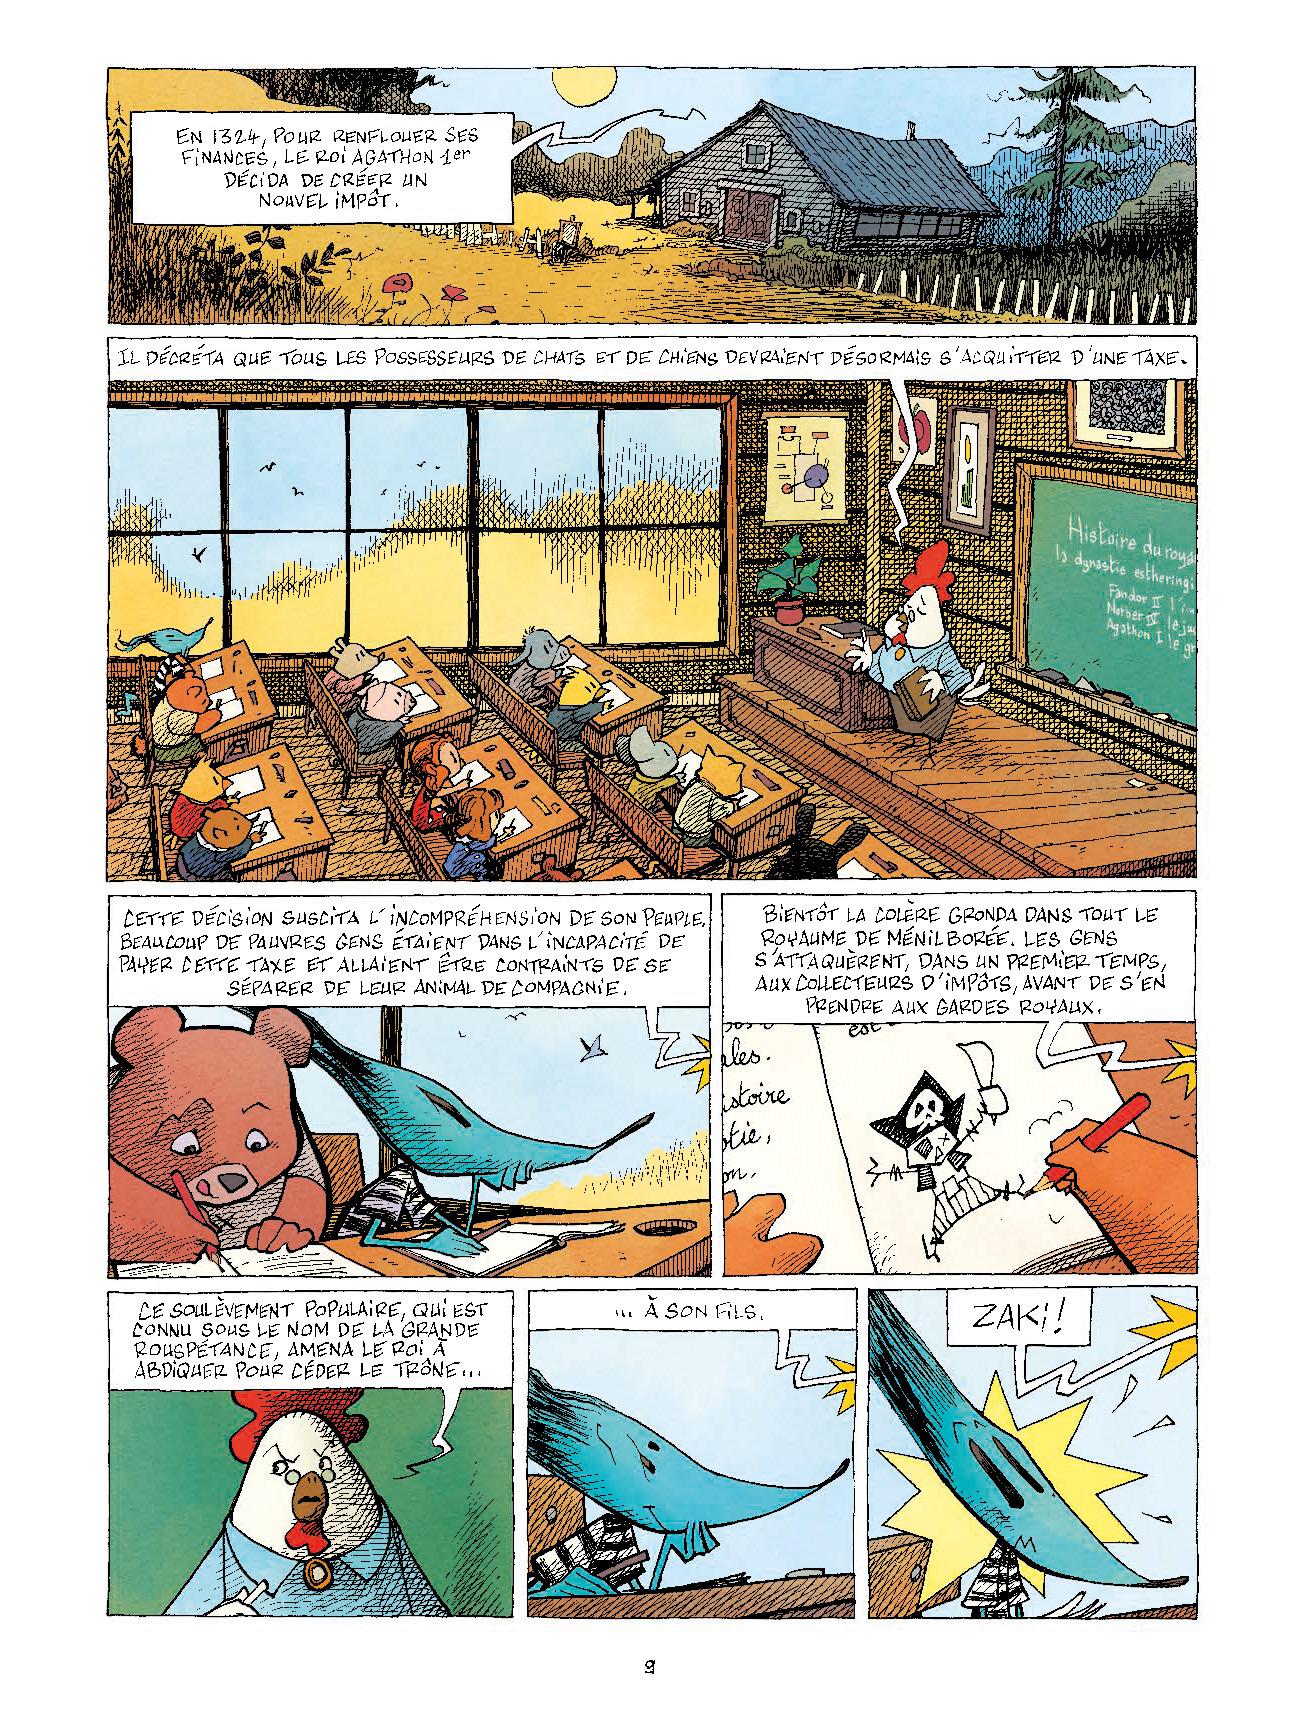 Extrait n°9 par Régis Hautière